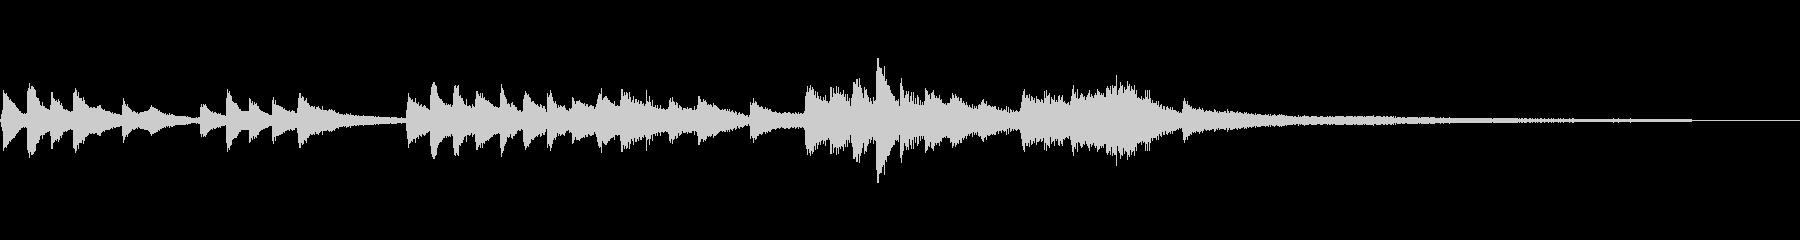 和風のジングル5b-タックピアノの未再生の波形